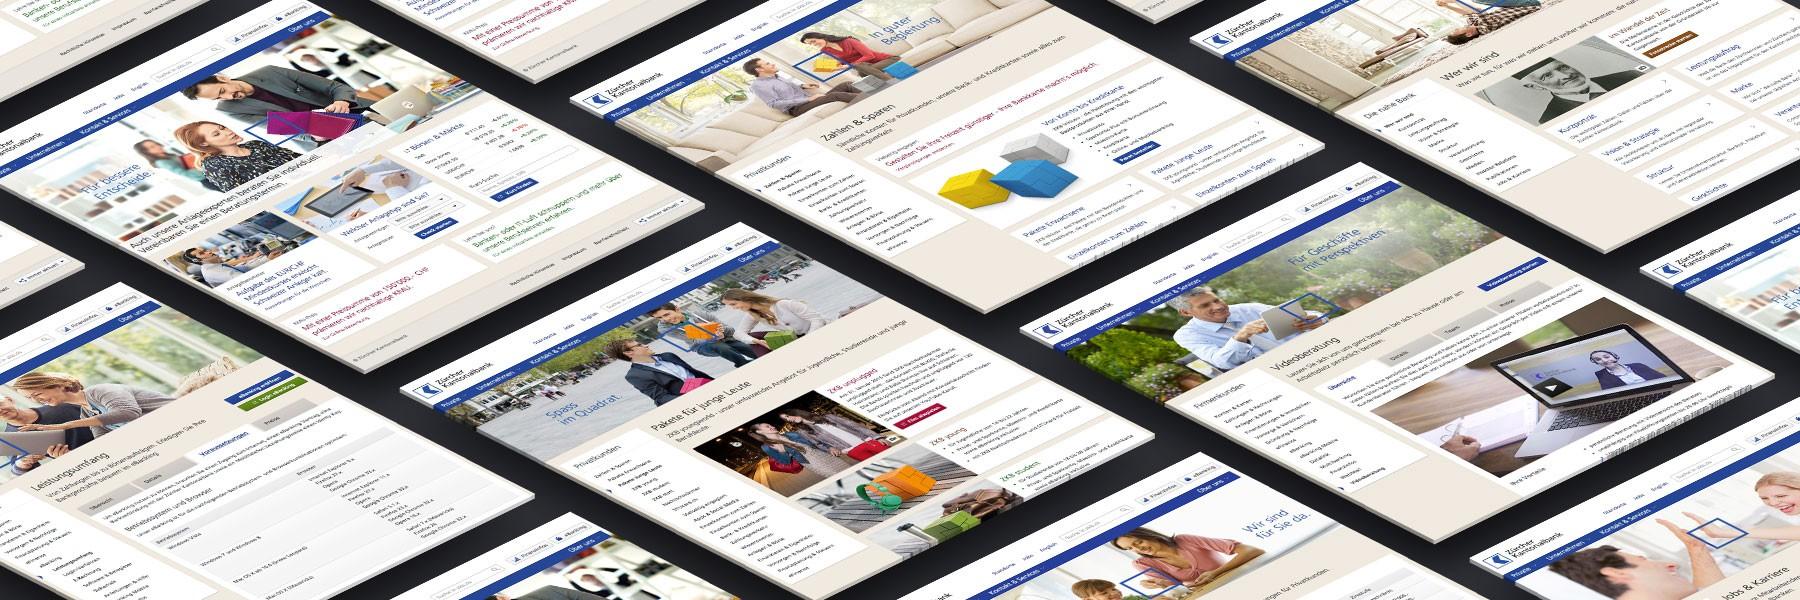 Zürcher Kantonalbank new website screens by Divio